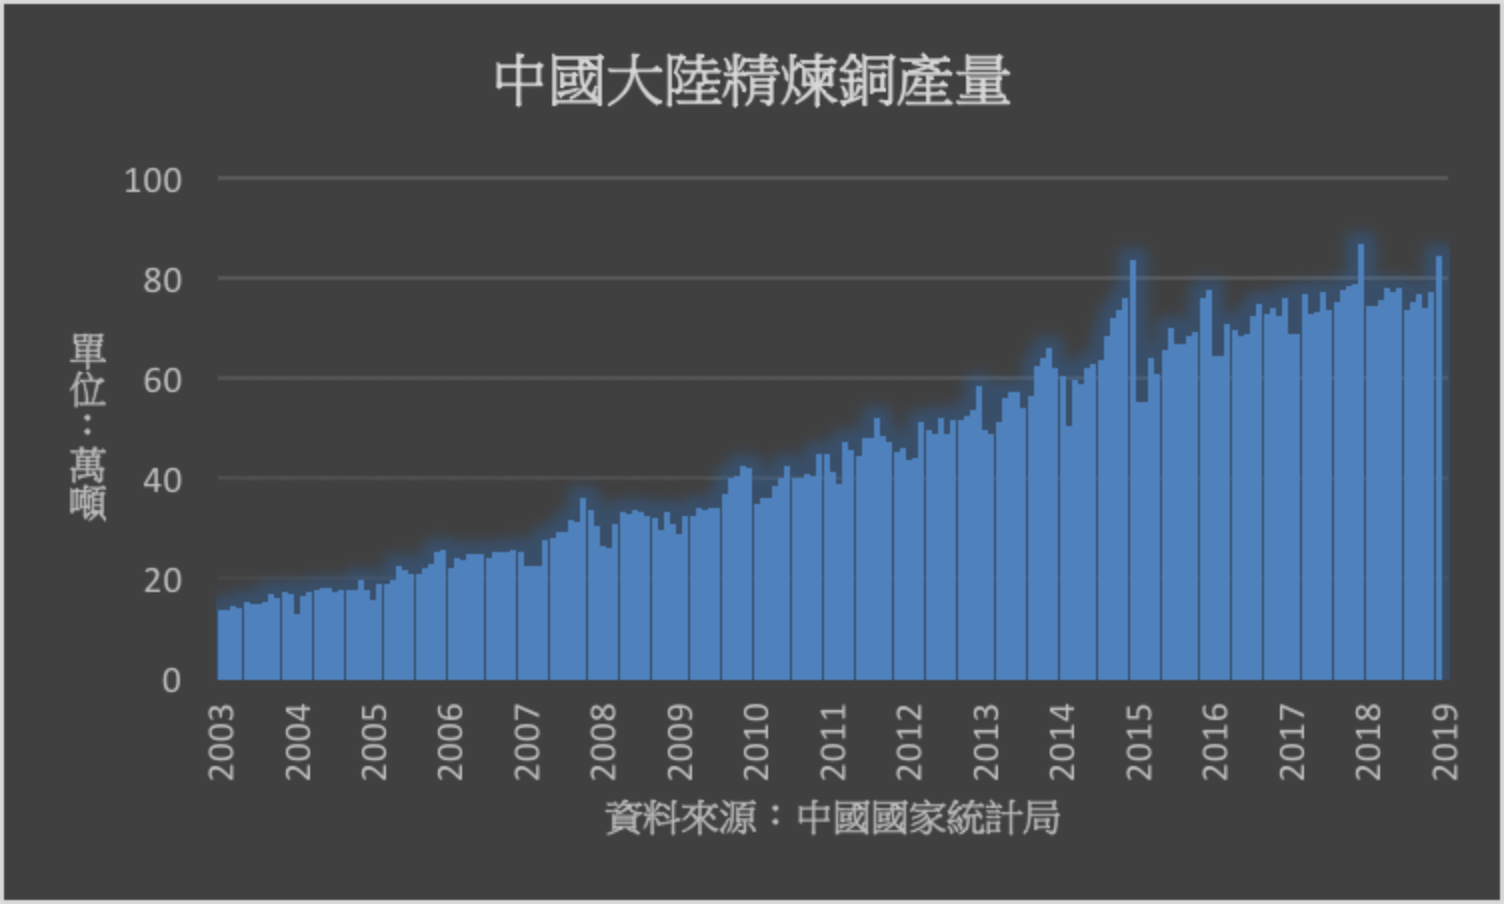 大陆今年铜消费量估年增3% 精炼铜进口估年减50万吨